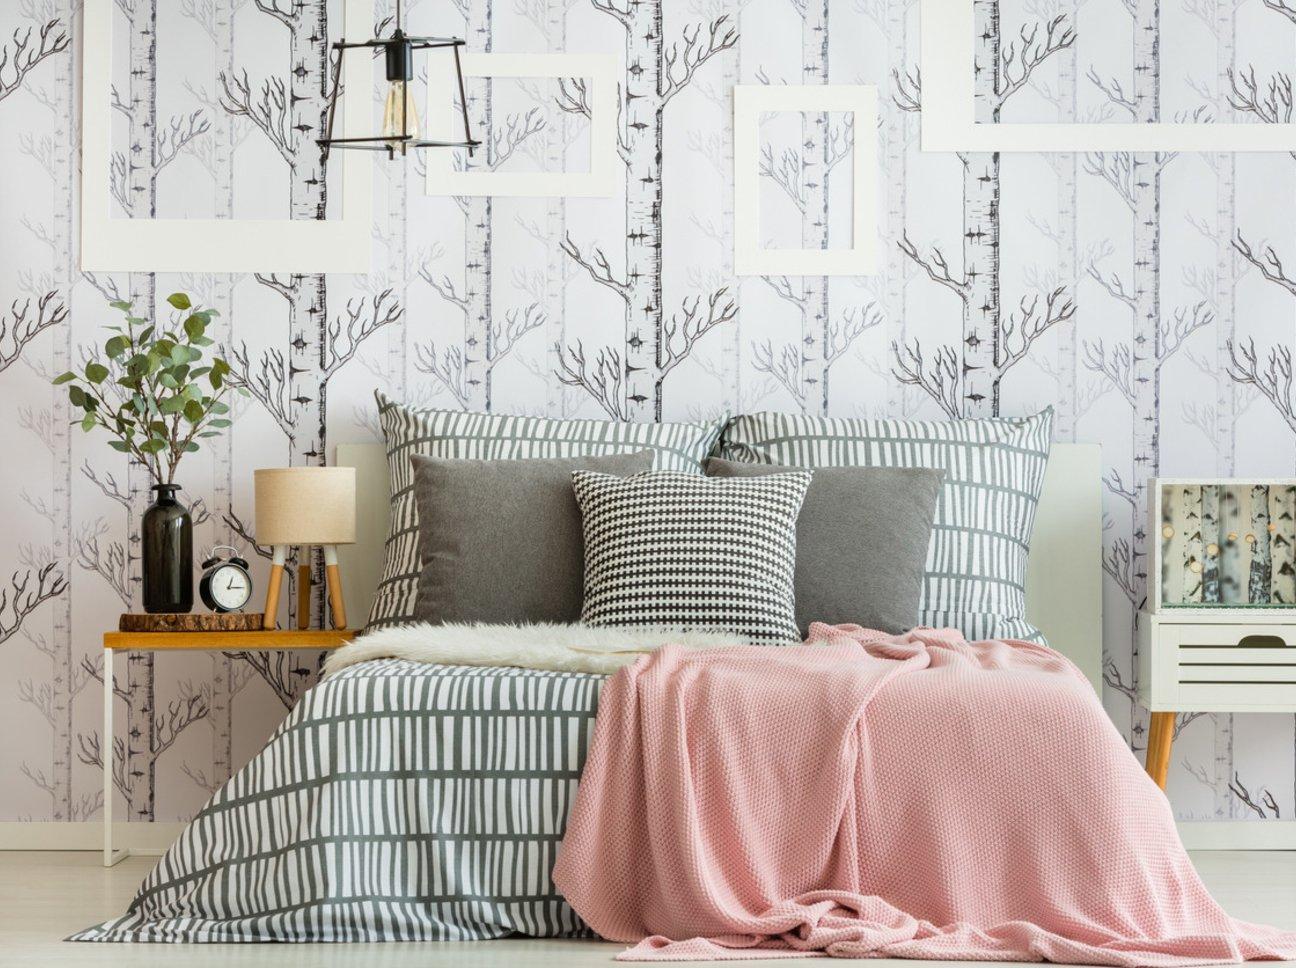 Full Size of Wanddeko Schlafzimmer Metall Wanddekoration Ikea Holz Ideen Amazon Selber Machen Bilder 10 Schnsten Deko Sitzbank Komplettes Mit überbau Stuhl Loddenkemper Wohnzimmer Schlafzimmer Wanddeko